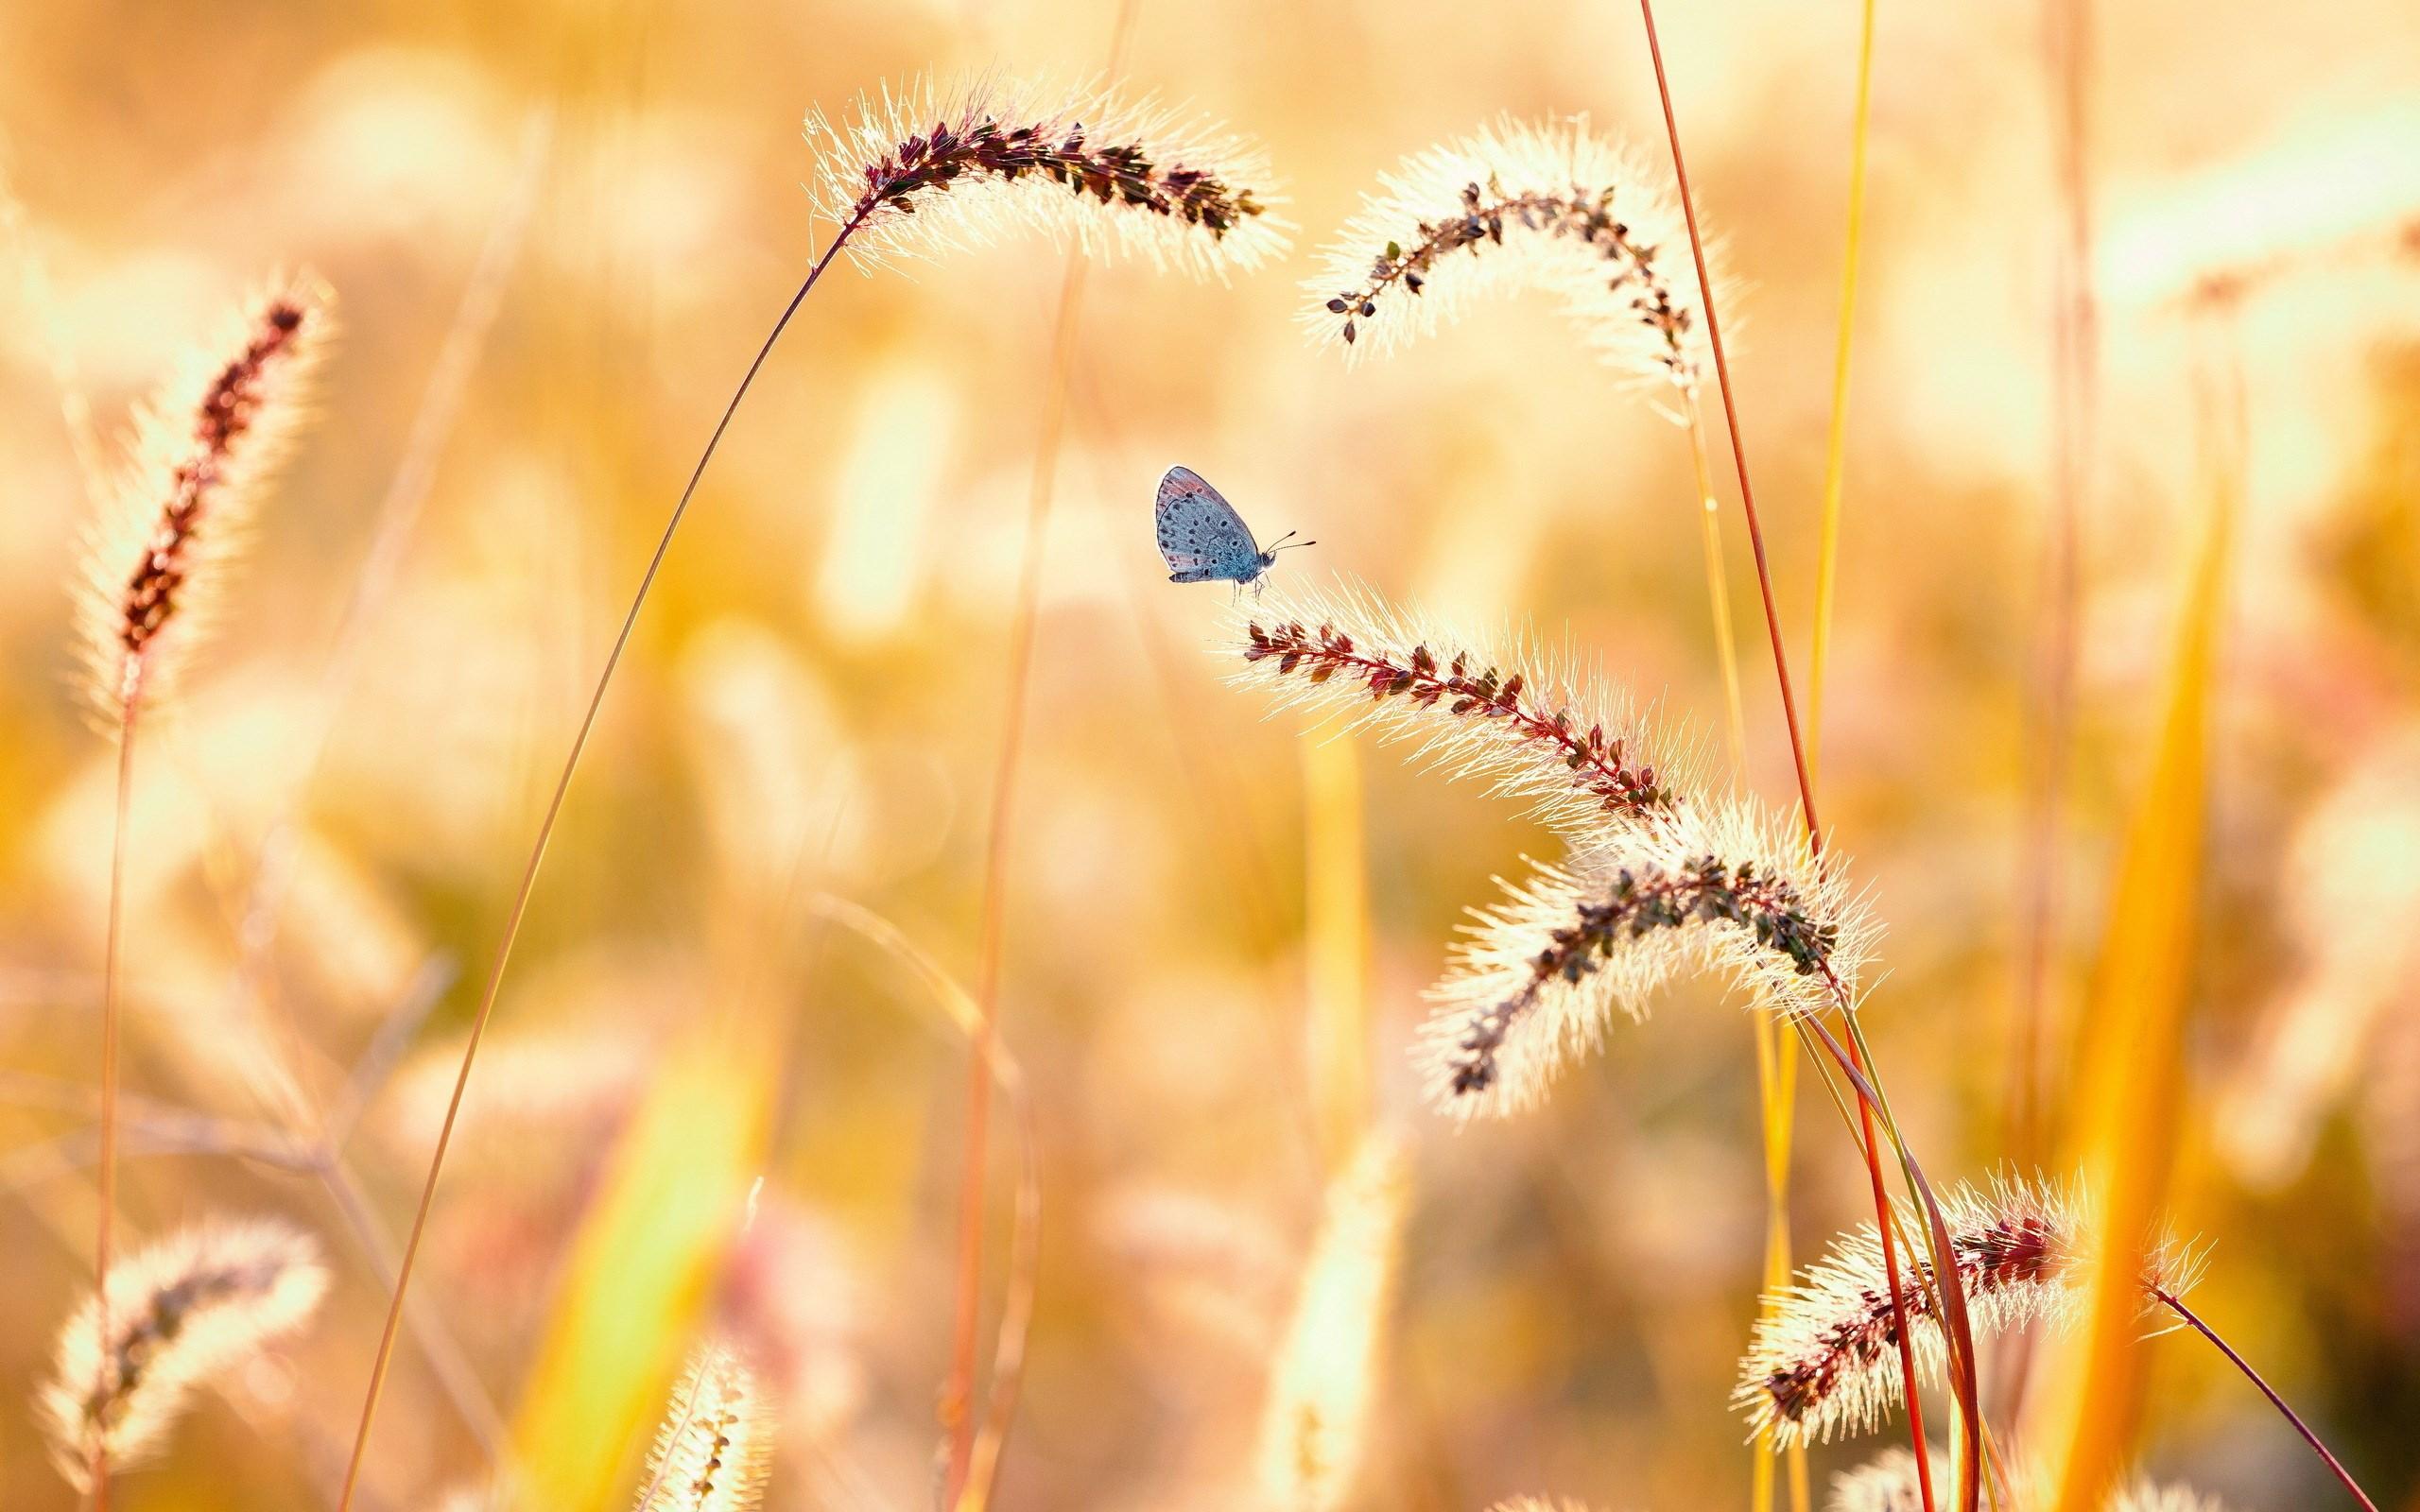 Butterfly summer field